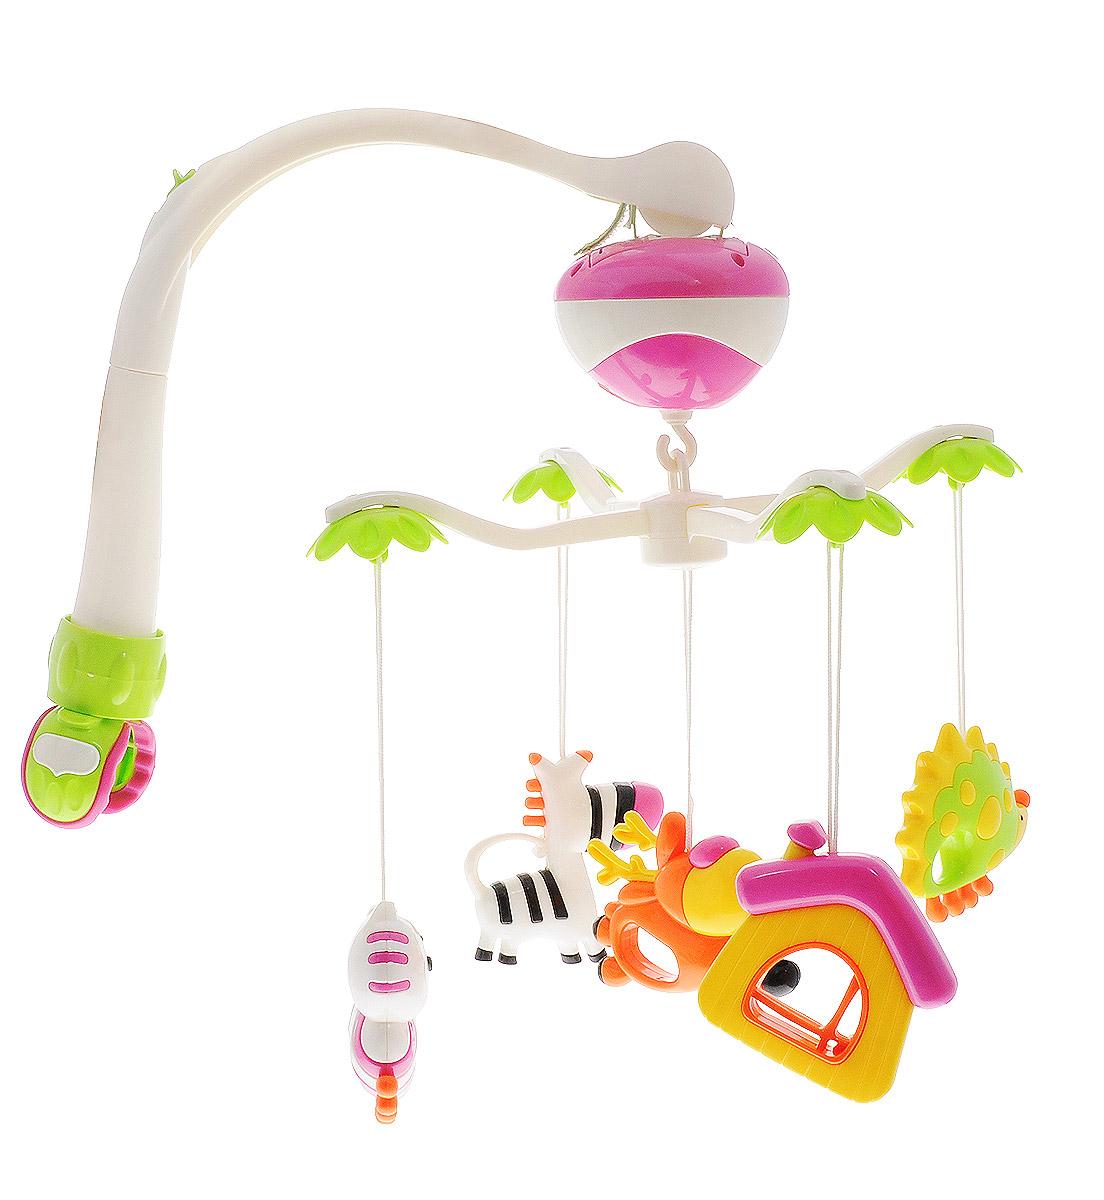 Maman Мобиль Музыкальная карусель с погремушками Зебра олень домик - Игрушки для малышей